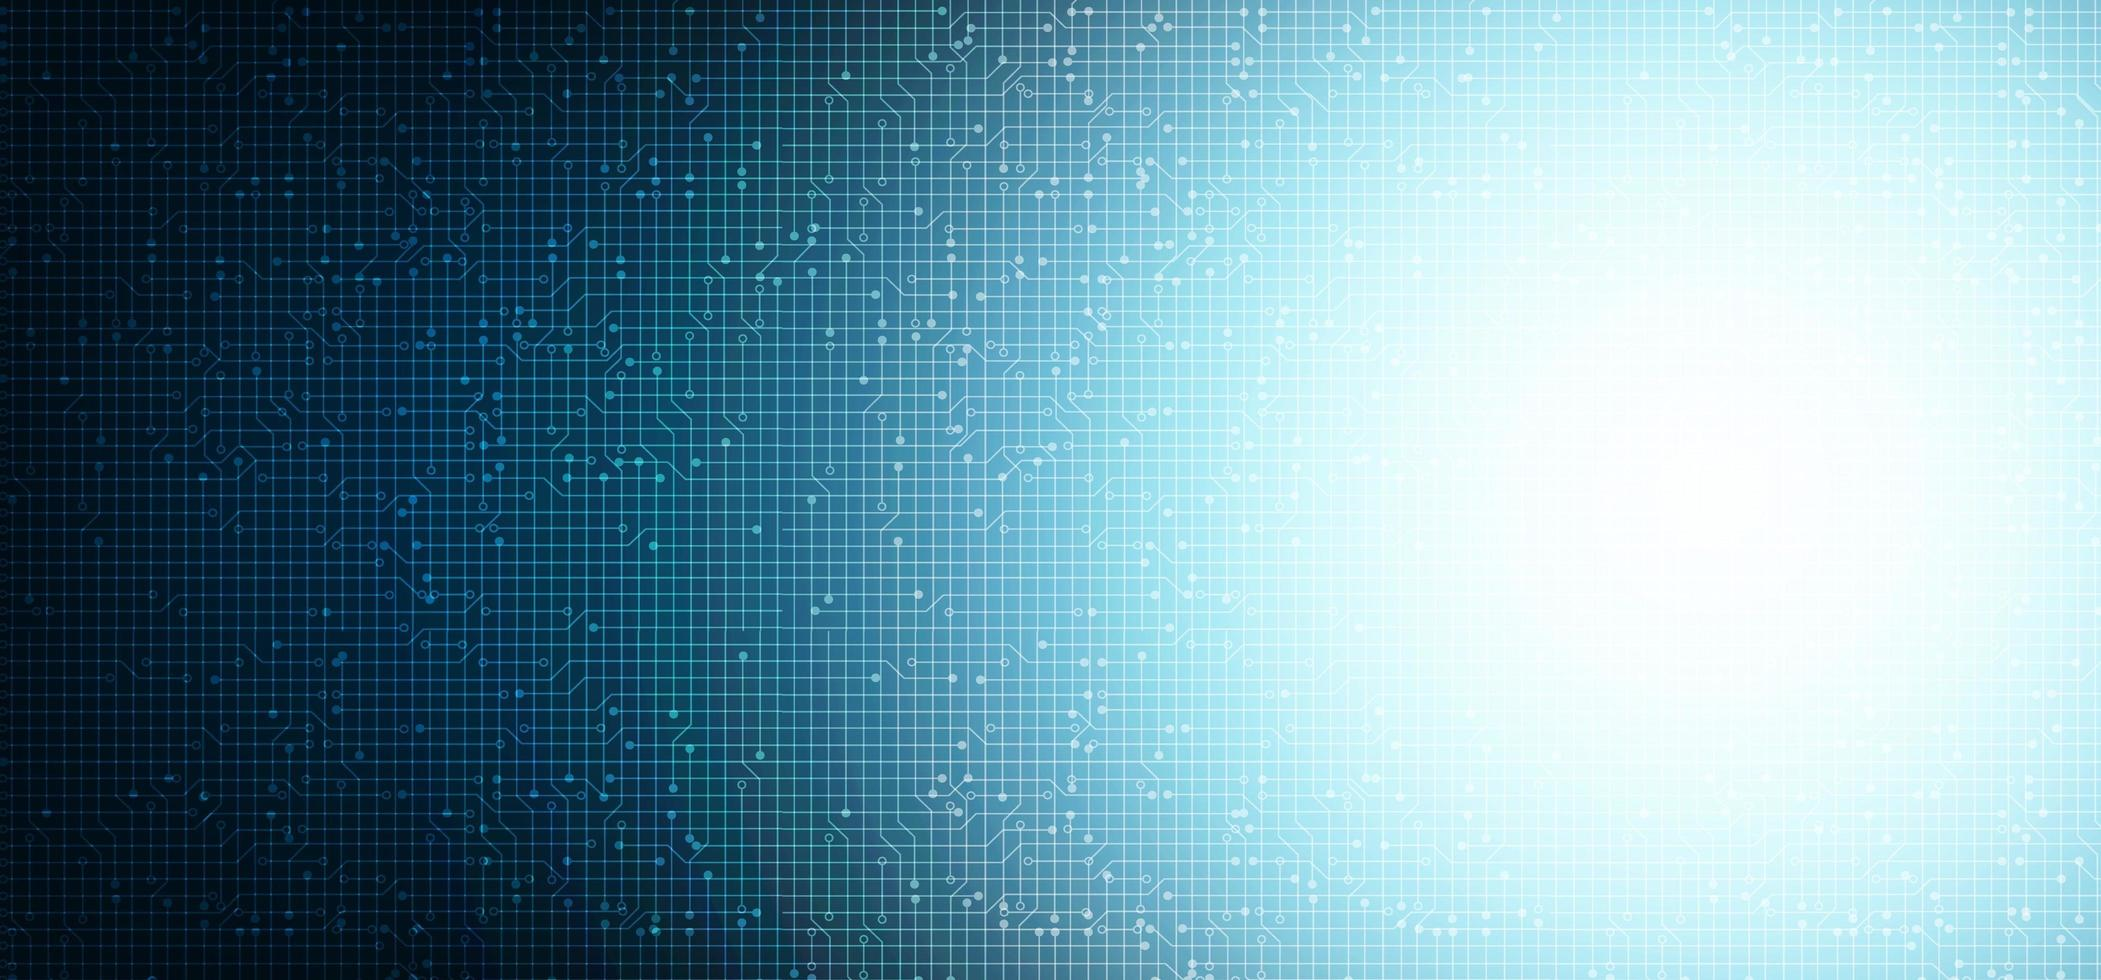 Tecnología súper ligera en el fondo futuro. vector